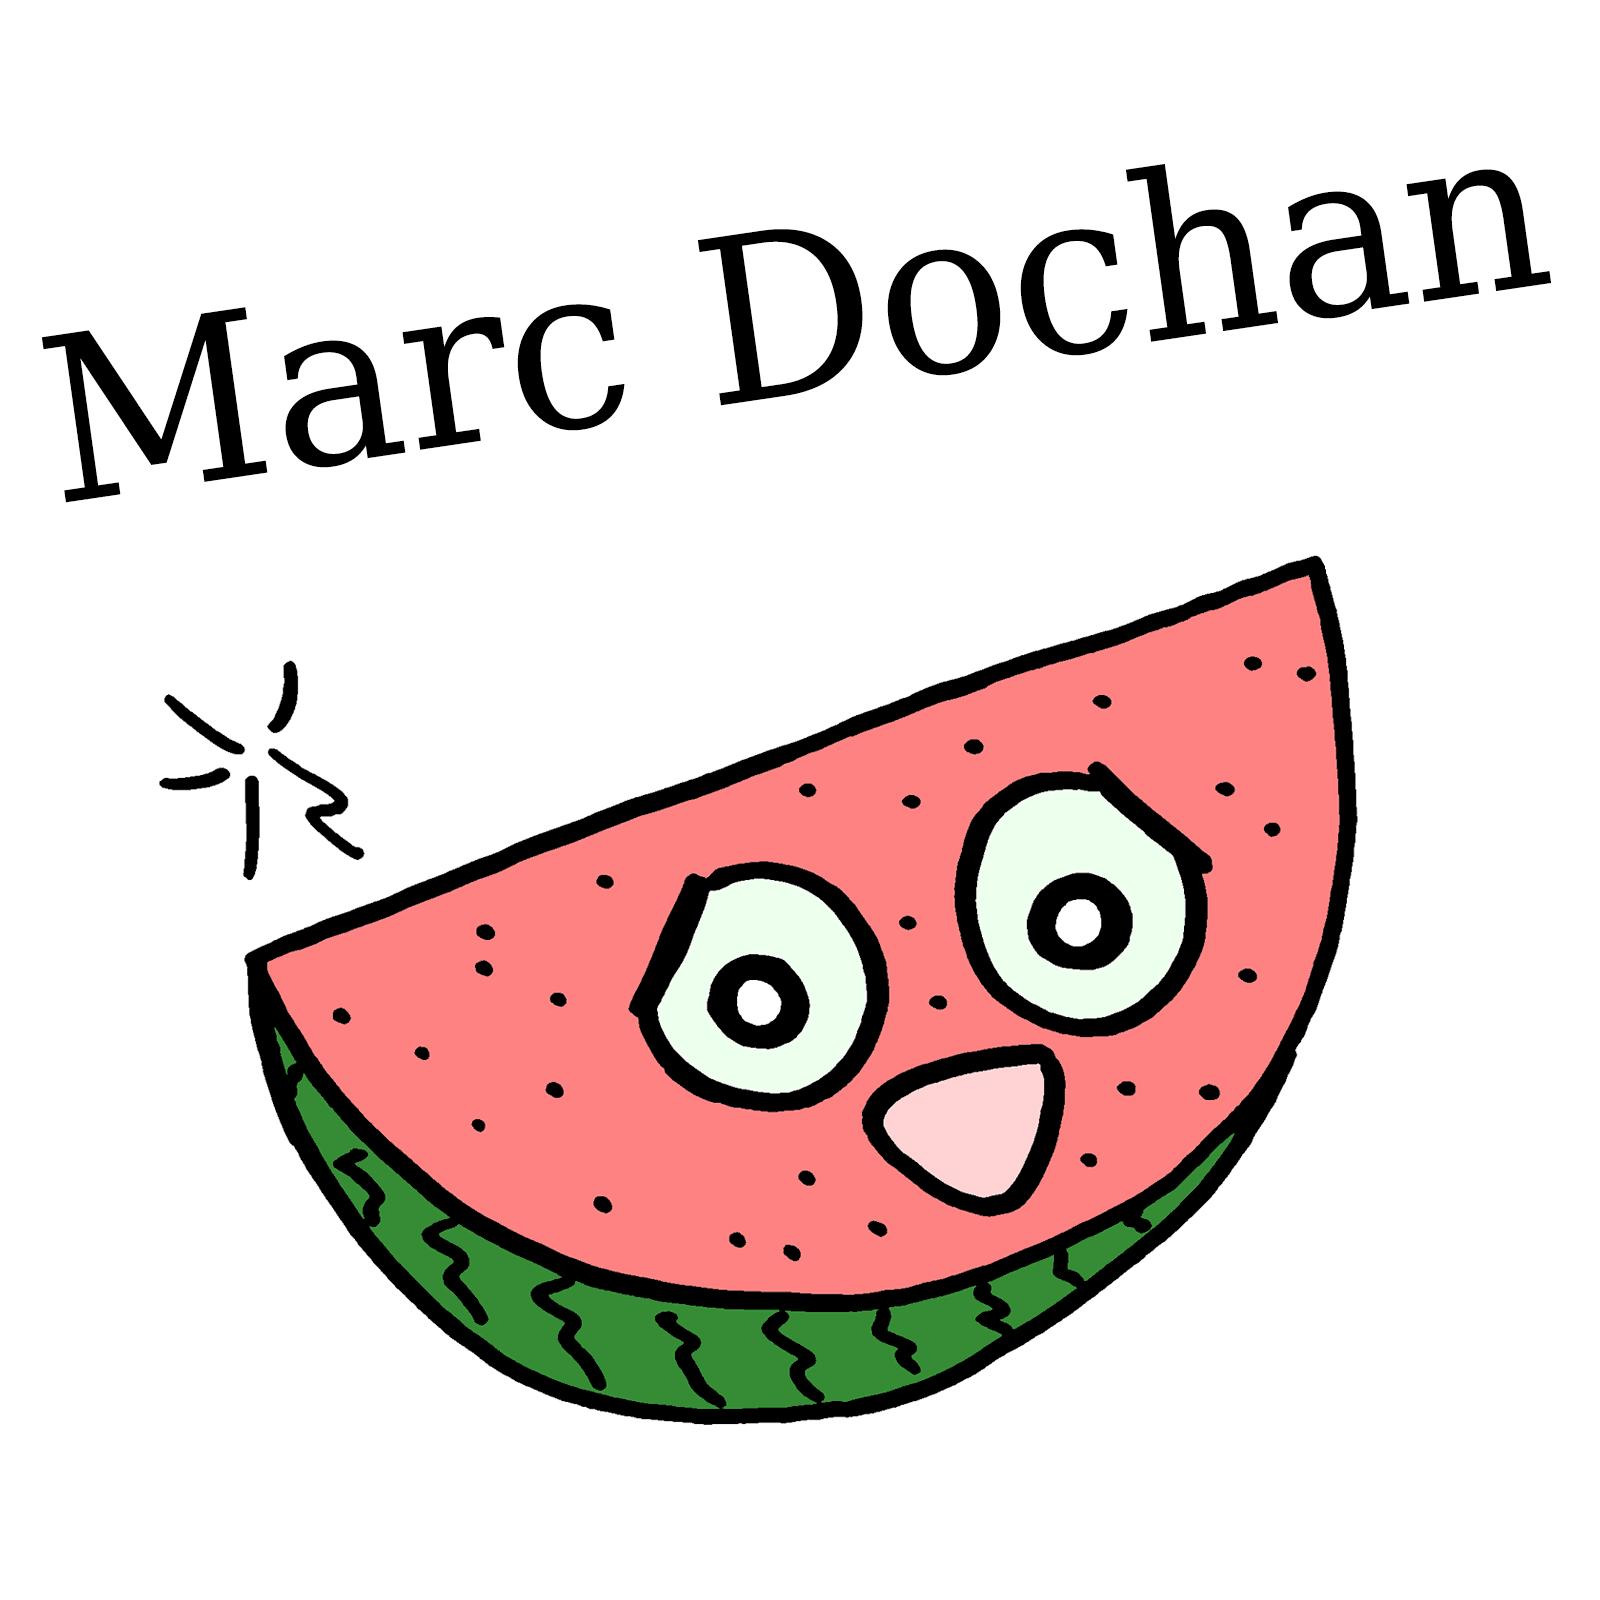 Marc Dochan